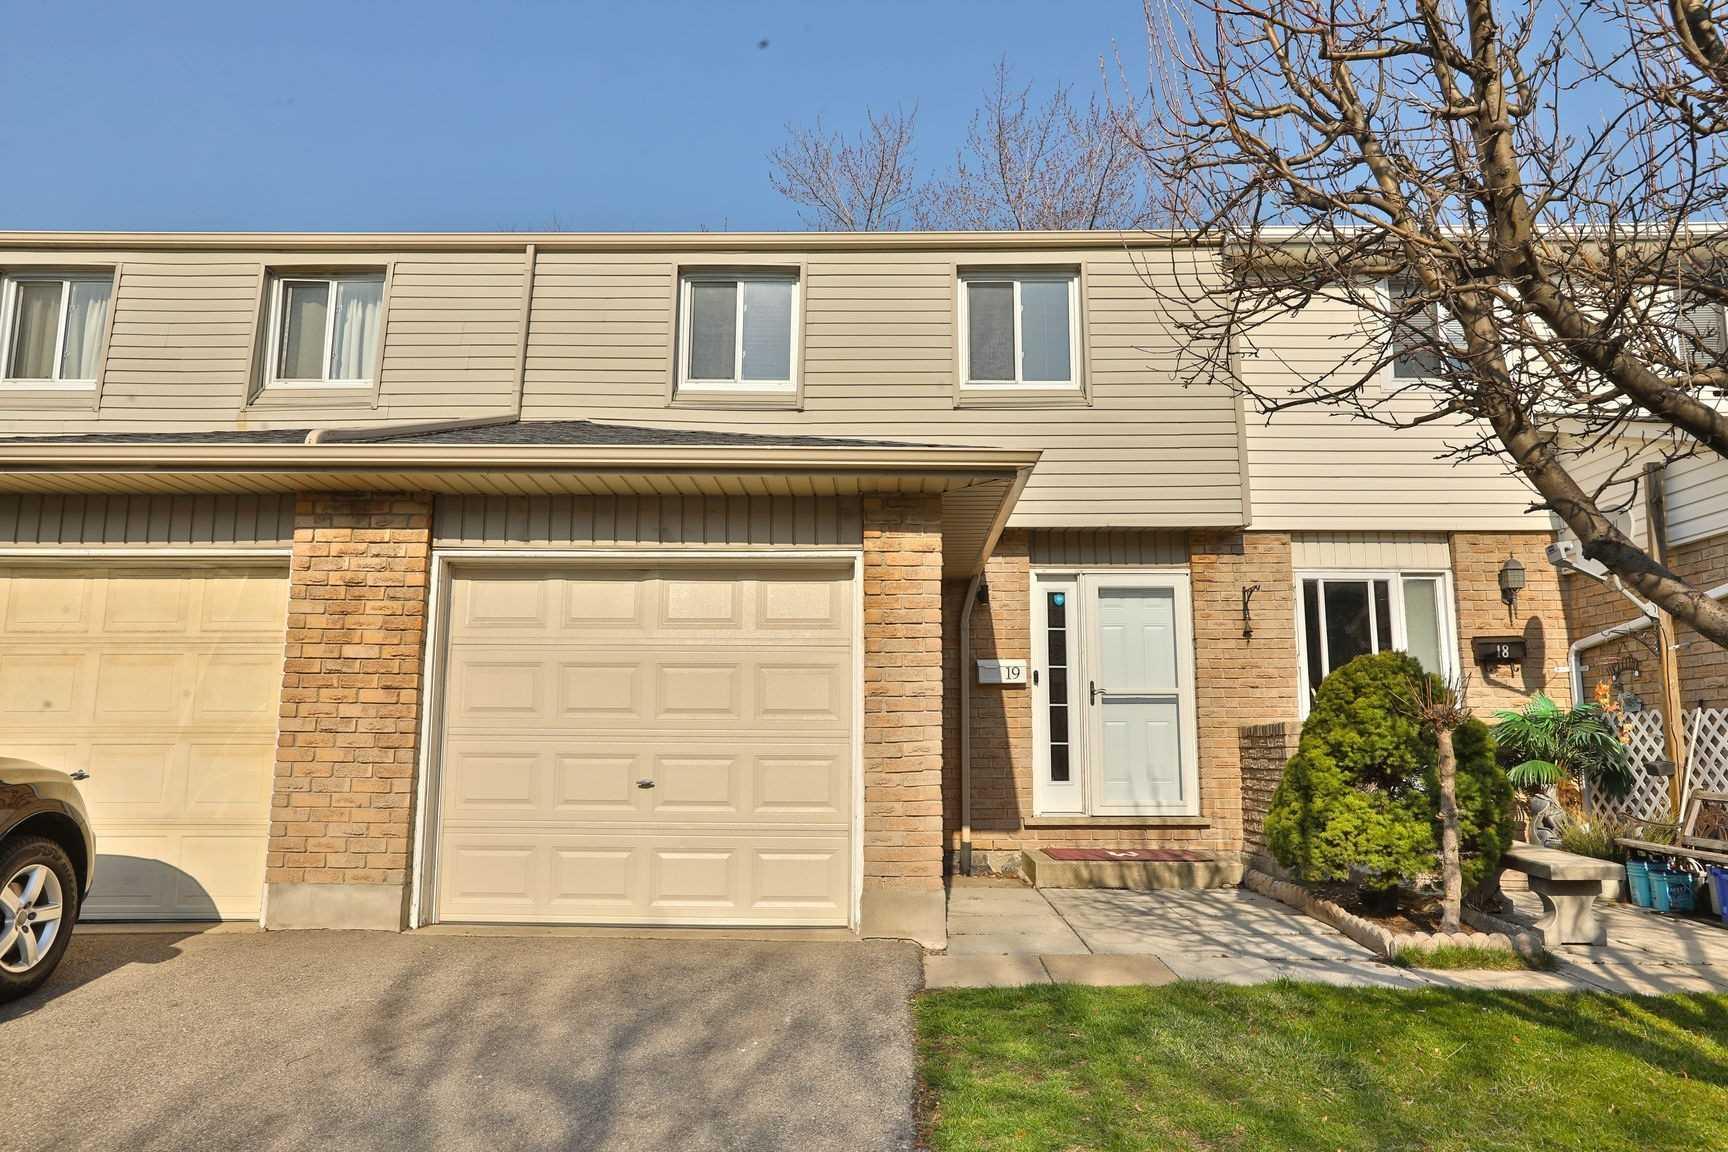 262 Kenora Ave, Hamilton, Ontario L8E 3Y3, 3 Bedrooms Bedrooms, ,2 BathroomsBathrooms,Condo Townhouse,For Sale,Kenora,X5185913